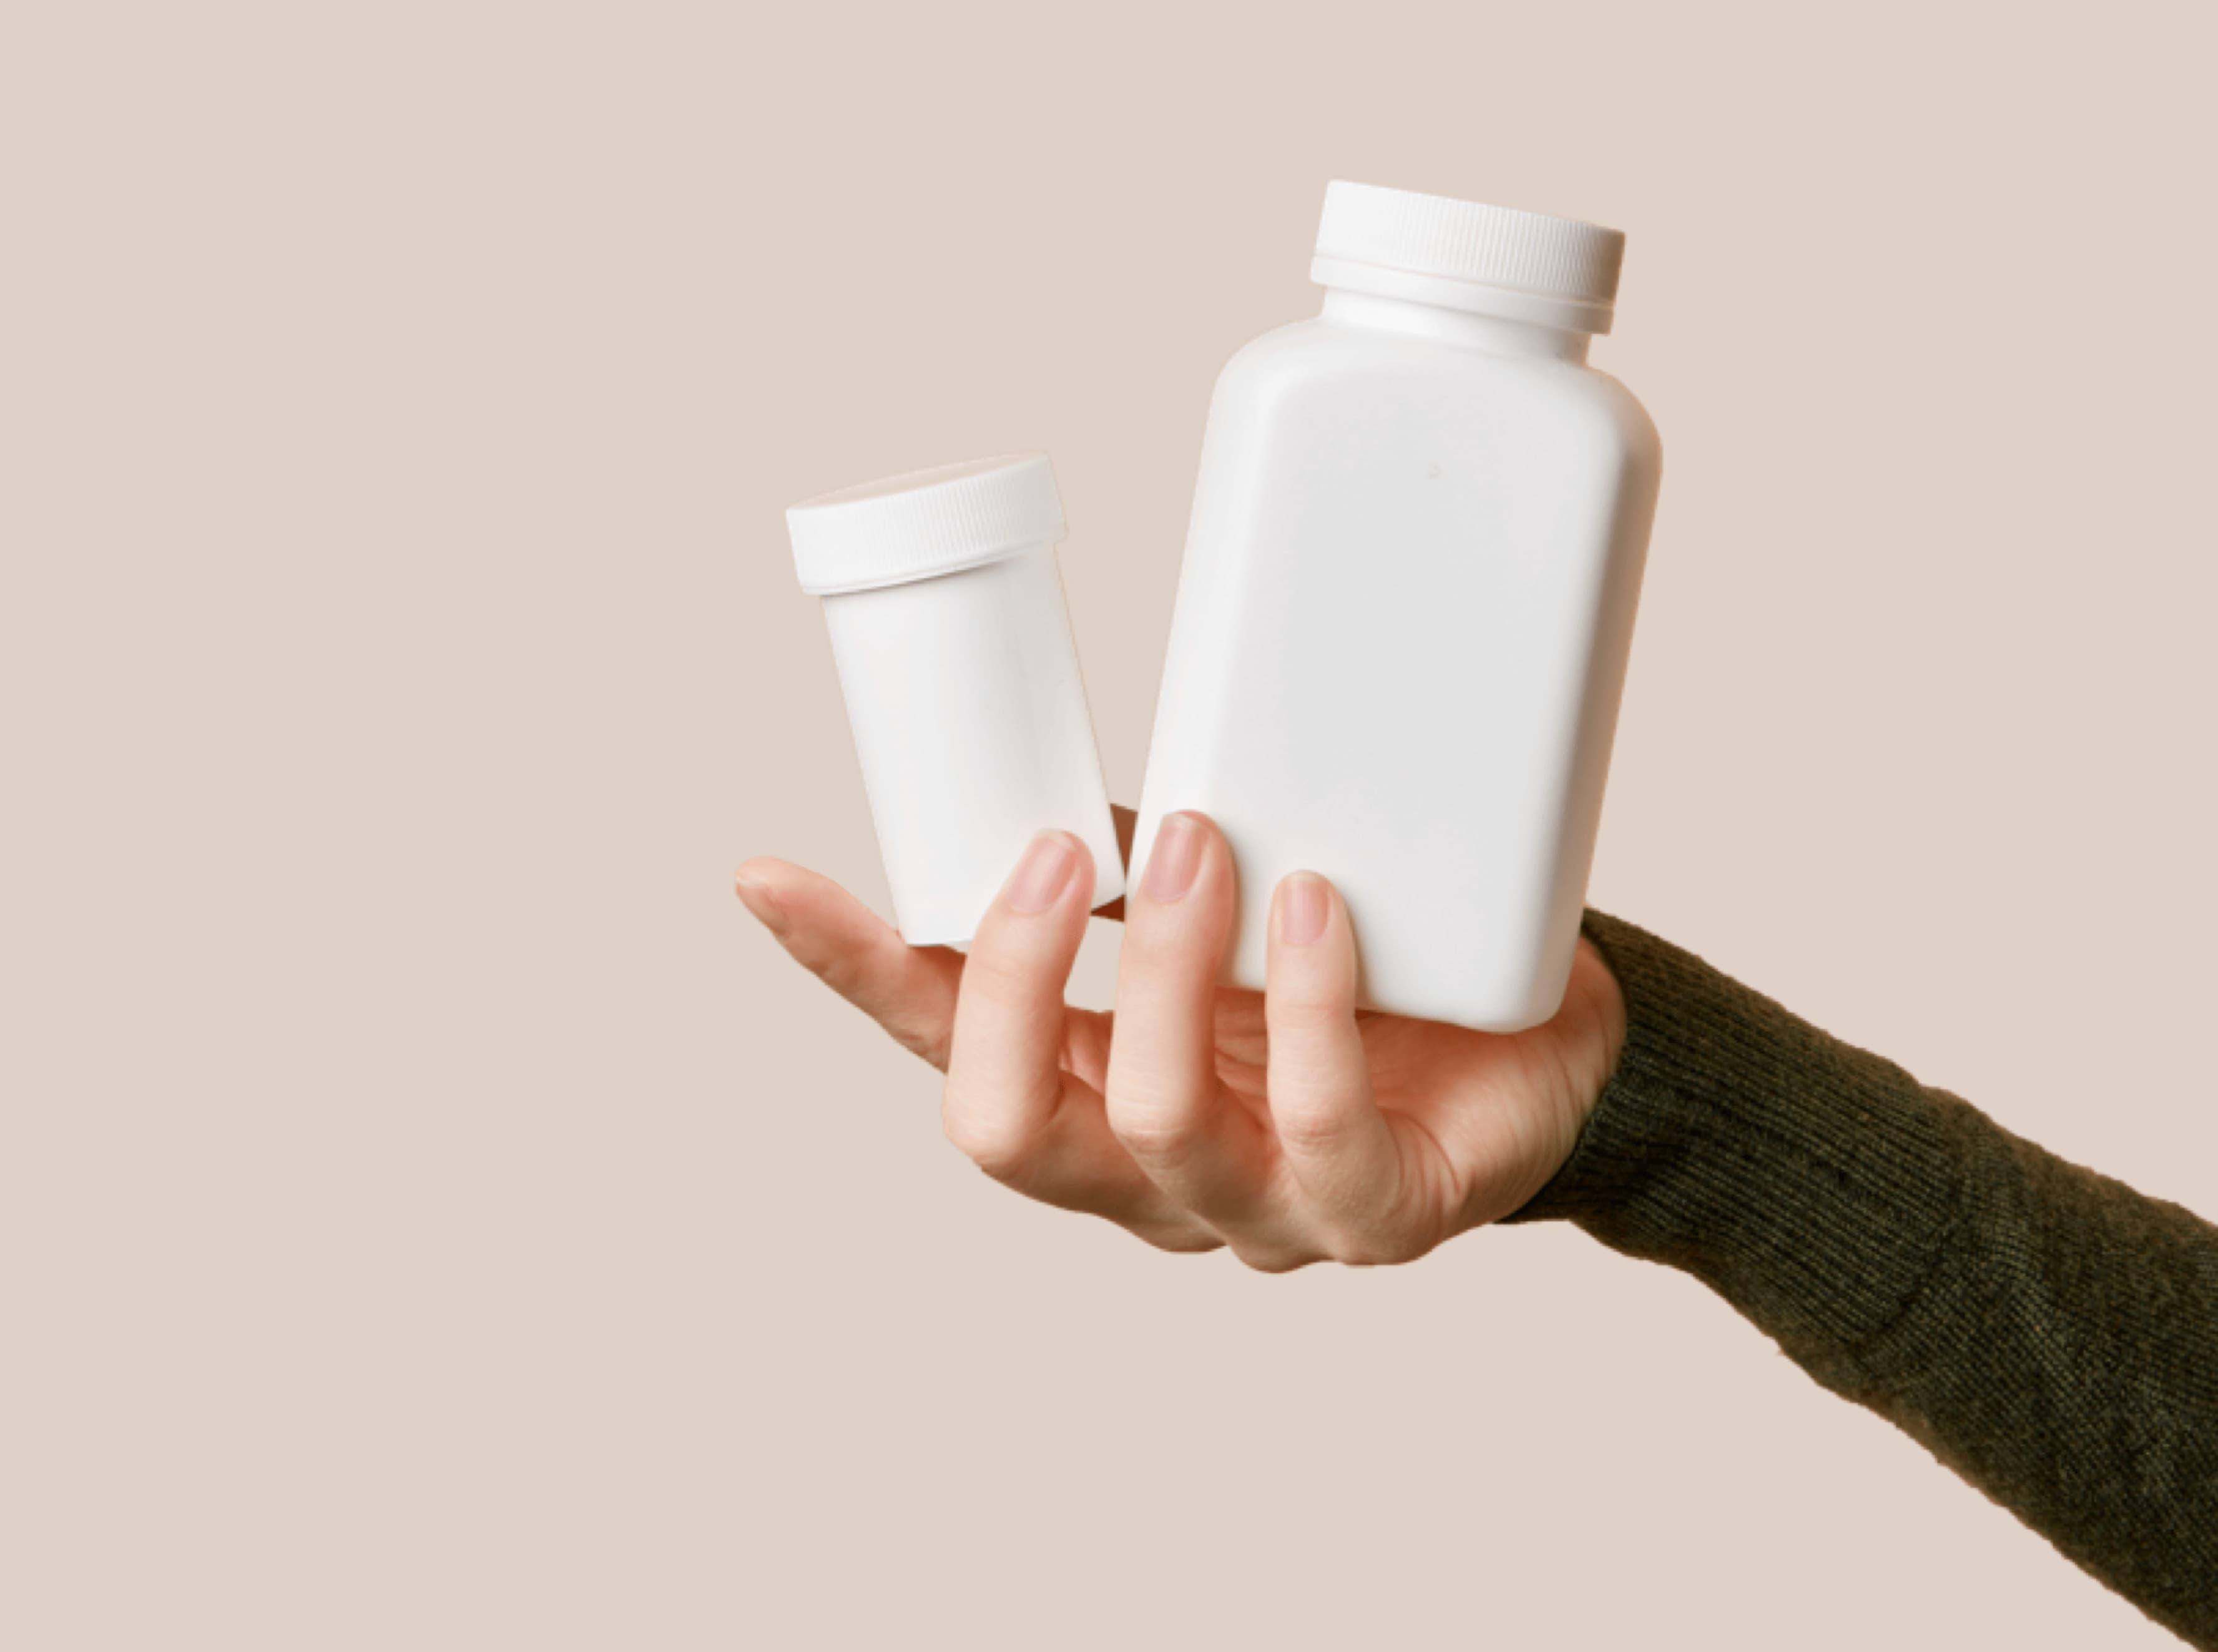 Hand holding white pill bottles